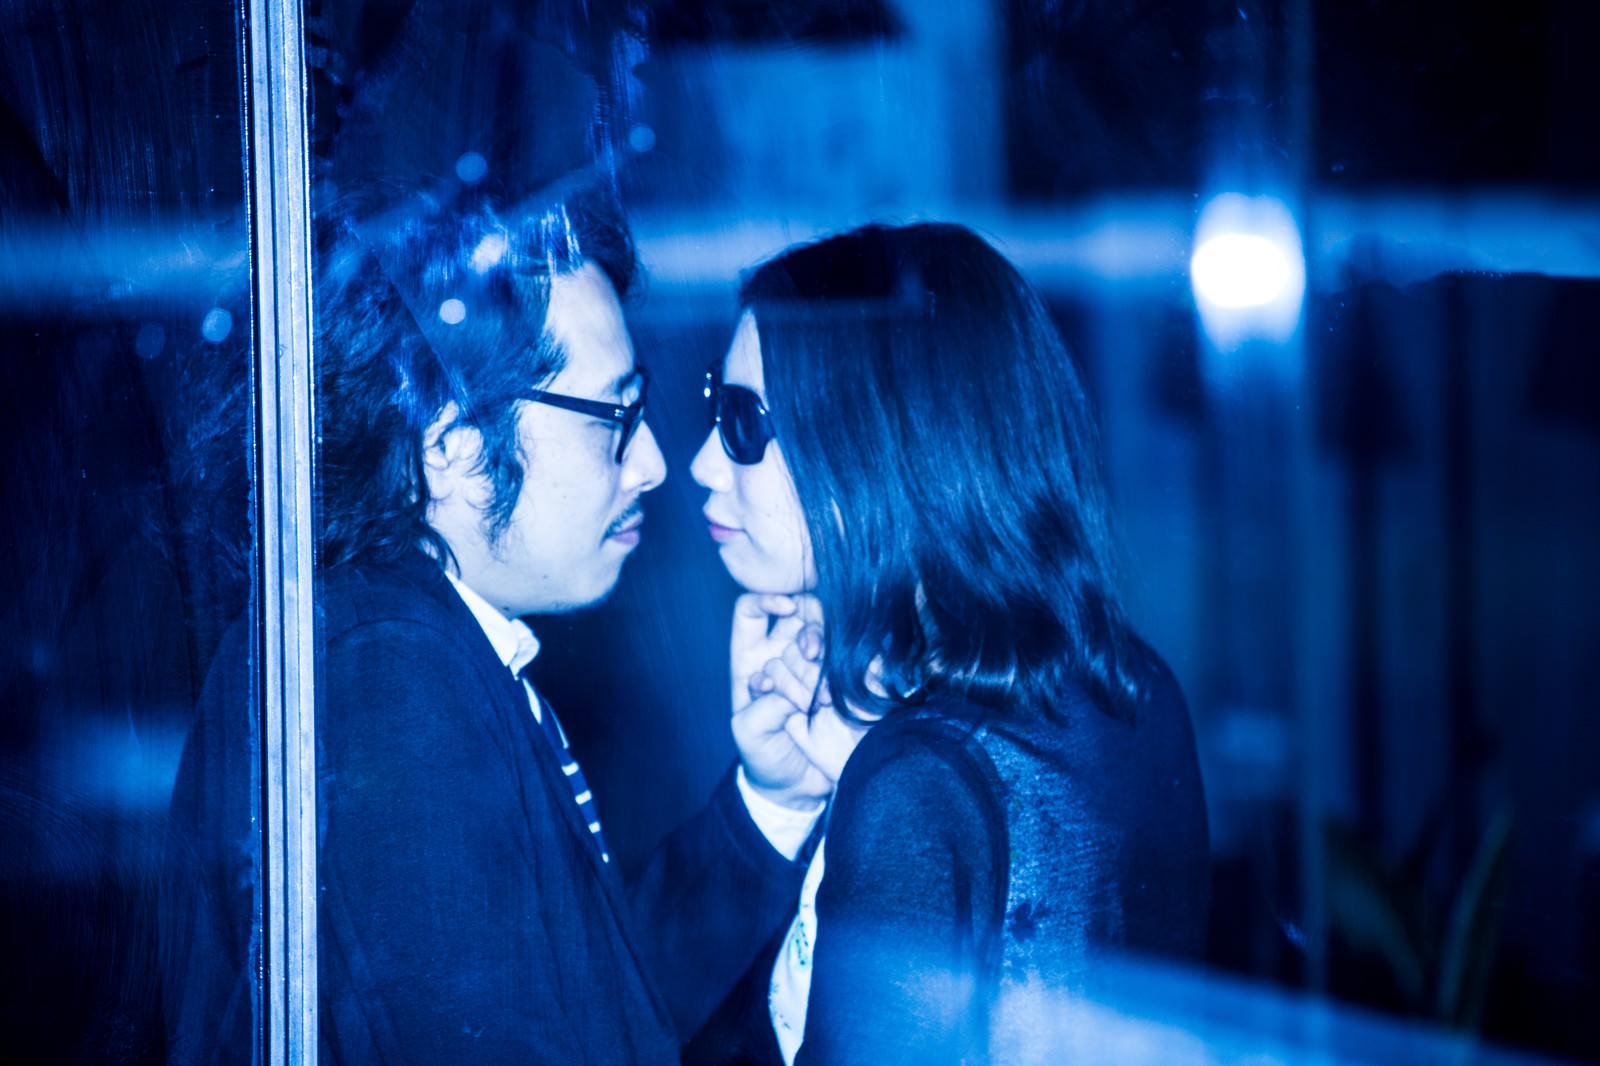 「結婚間近のふたりの熱愛現場撮った! | 写真の無料素材・フリー素材 - ぱくたそ」の写真[モデル:ゆうせい]